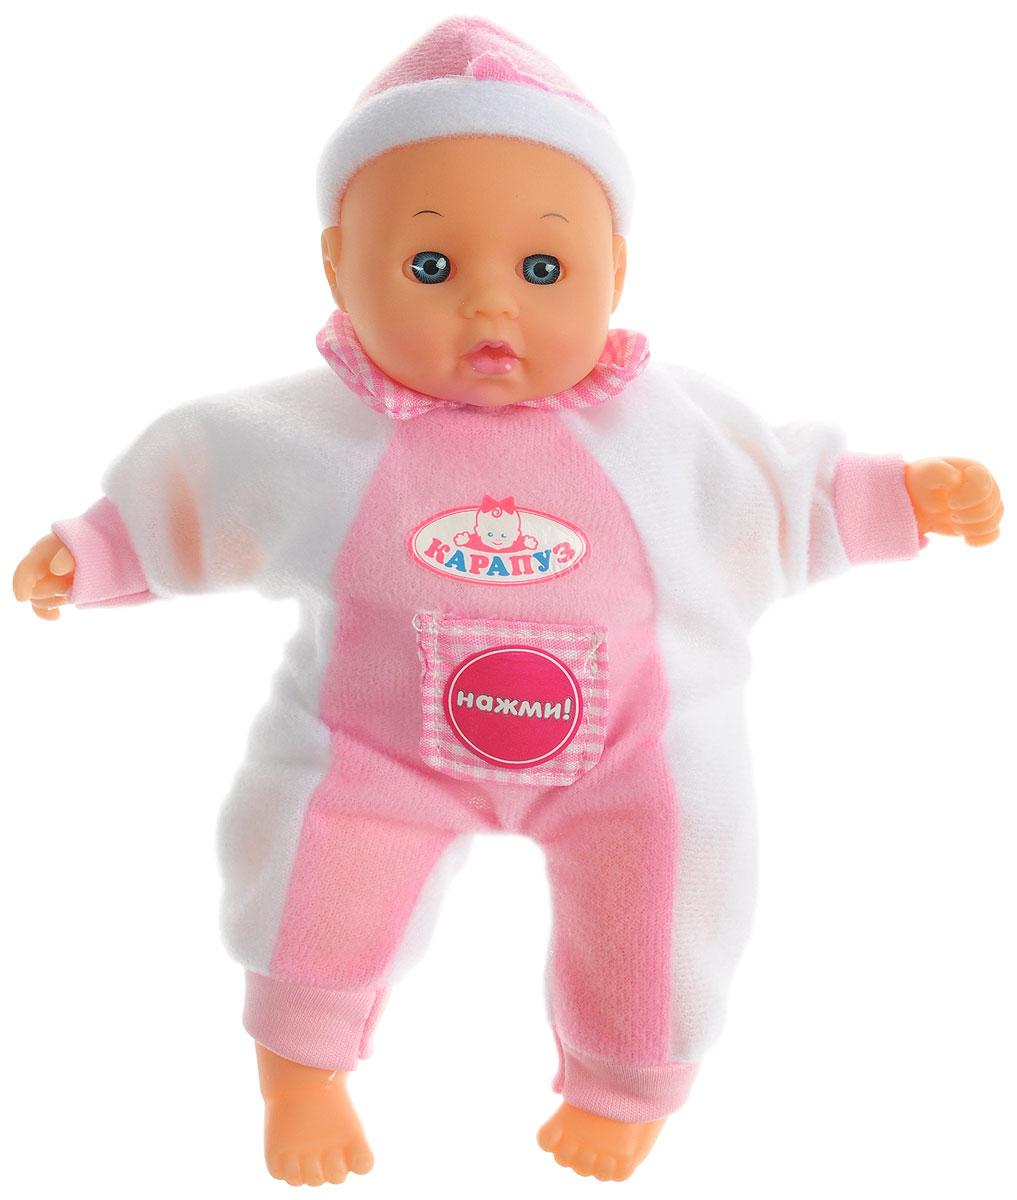 Карапуз Пупс озвученный цвет одежды белый розовый291016V-IC-4Замечательный пупс Карапуз умеет произносить 4 фразы и издавать разные звуки. Пупс одет в бело-розовый комбинезон, а на голове у него симпатичная шапочка. У малыша большие голубые глаза и выразительное личико. Голова, ручки и ножки выполнены из пластика, тело пупса мягконабивное. Если нажать пупсу на животик, он начнет говорить. Пупс произносит: Мамуля, Папуля, Где моя соска?, Я хочу пи-пи и 7 звуков. Игрушка упакована в прозрачную пластиковую сумочку, с которой можно выходить на прогулку. С таким пупсом ребенку точно не будет скучно. А благодаря своему реалистичному виду, девочка сможет войти в роль заботливой мамы и с удовольствием понянчиться с малышом. Для работы требуются 3 батарейки LR44 (комплектуется демонстрационными).